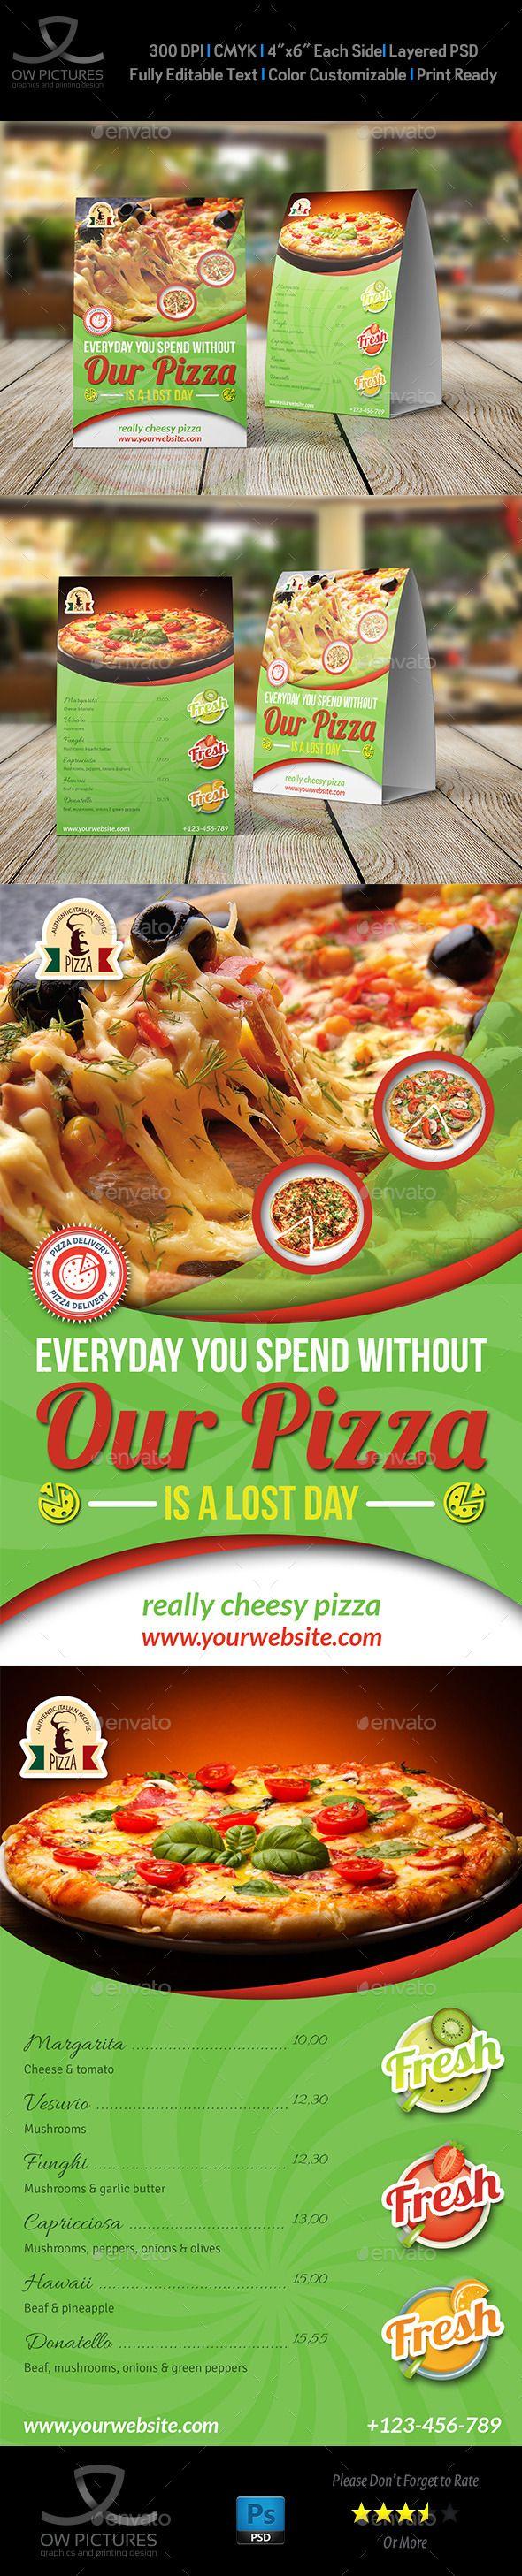 Pizza Restaurant Table Tent Template | Folletos, Revistas y Tarjetas